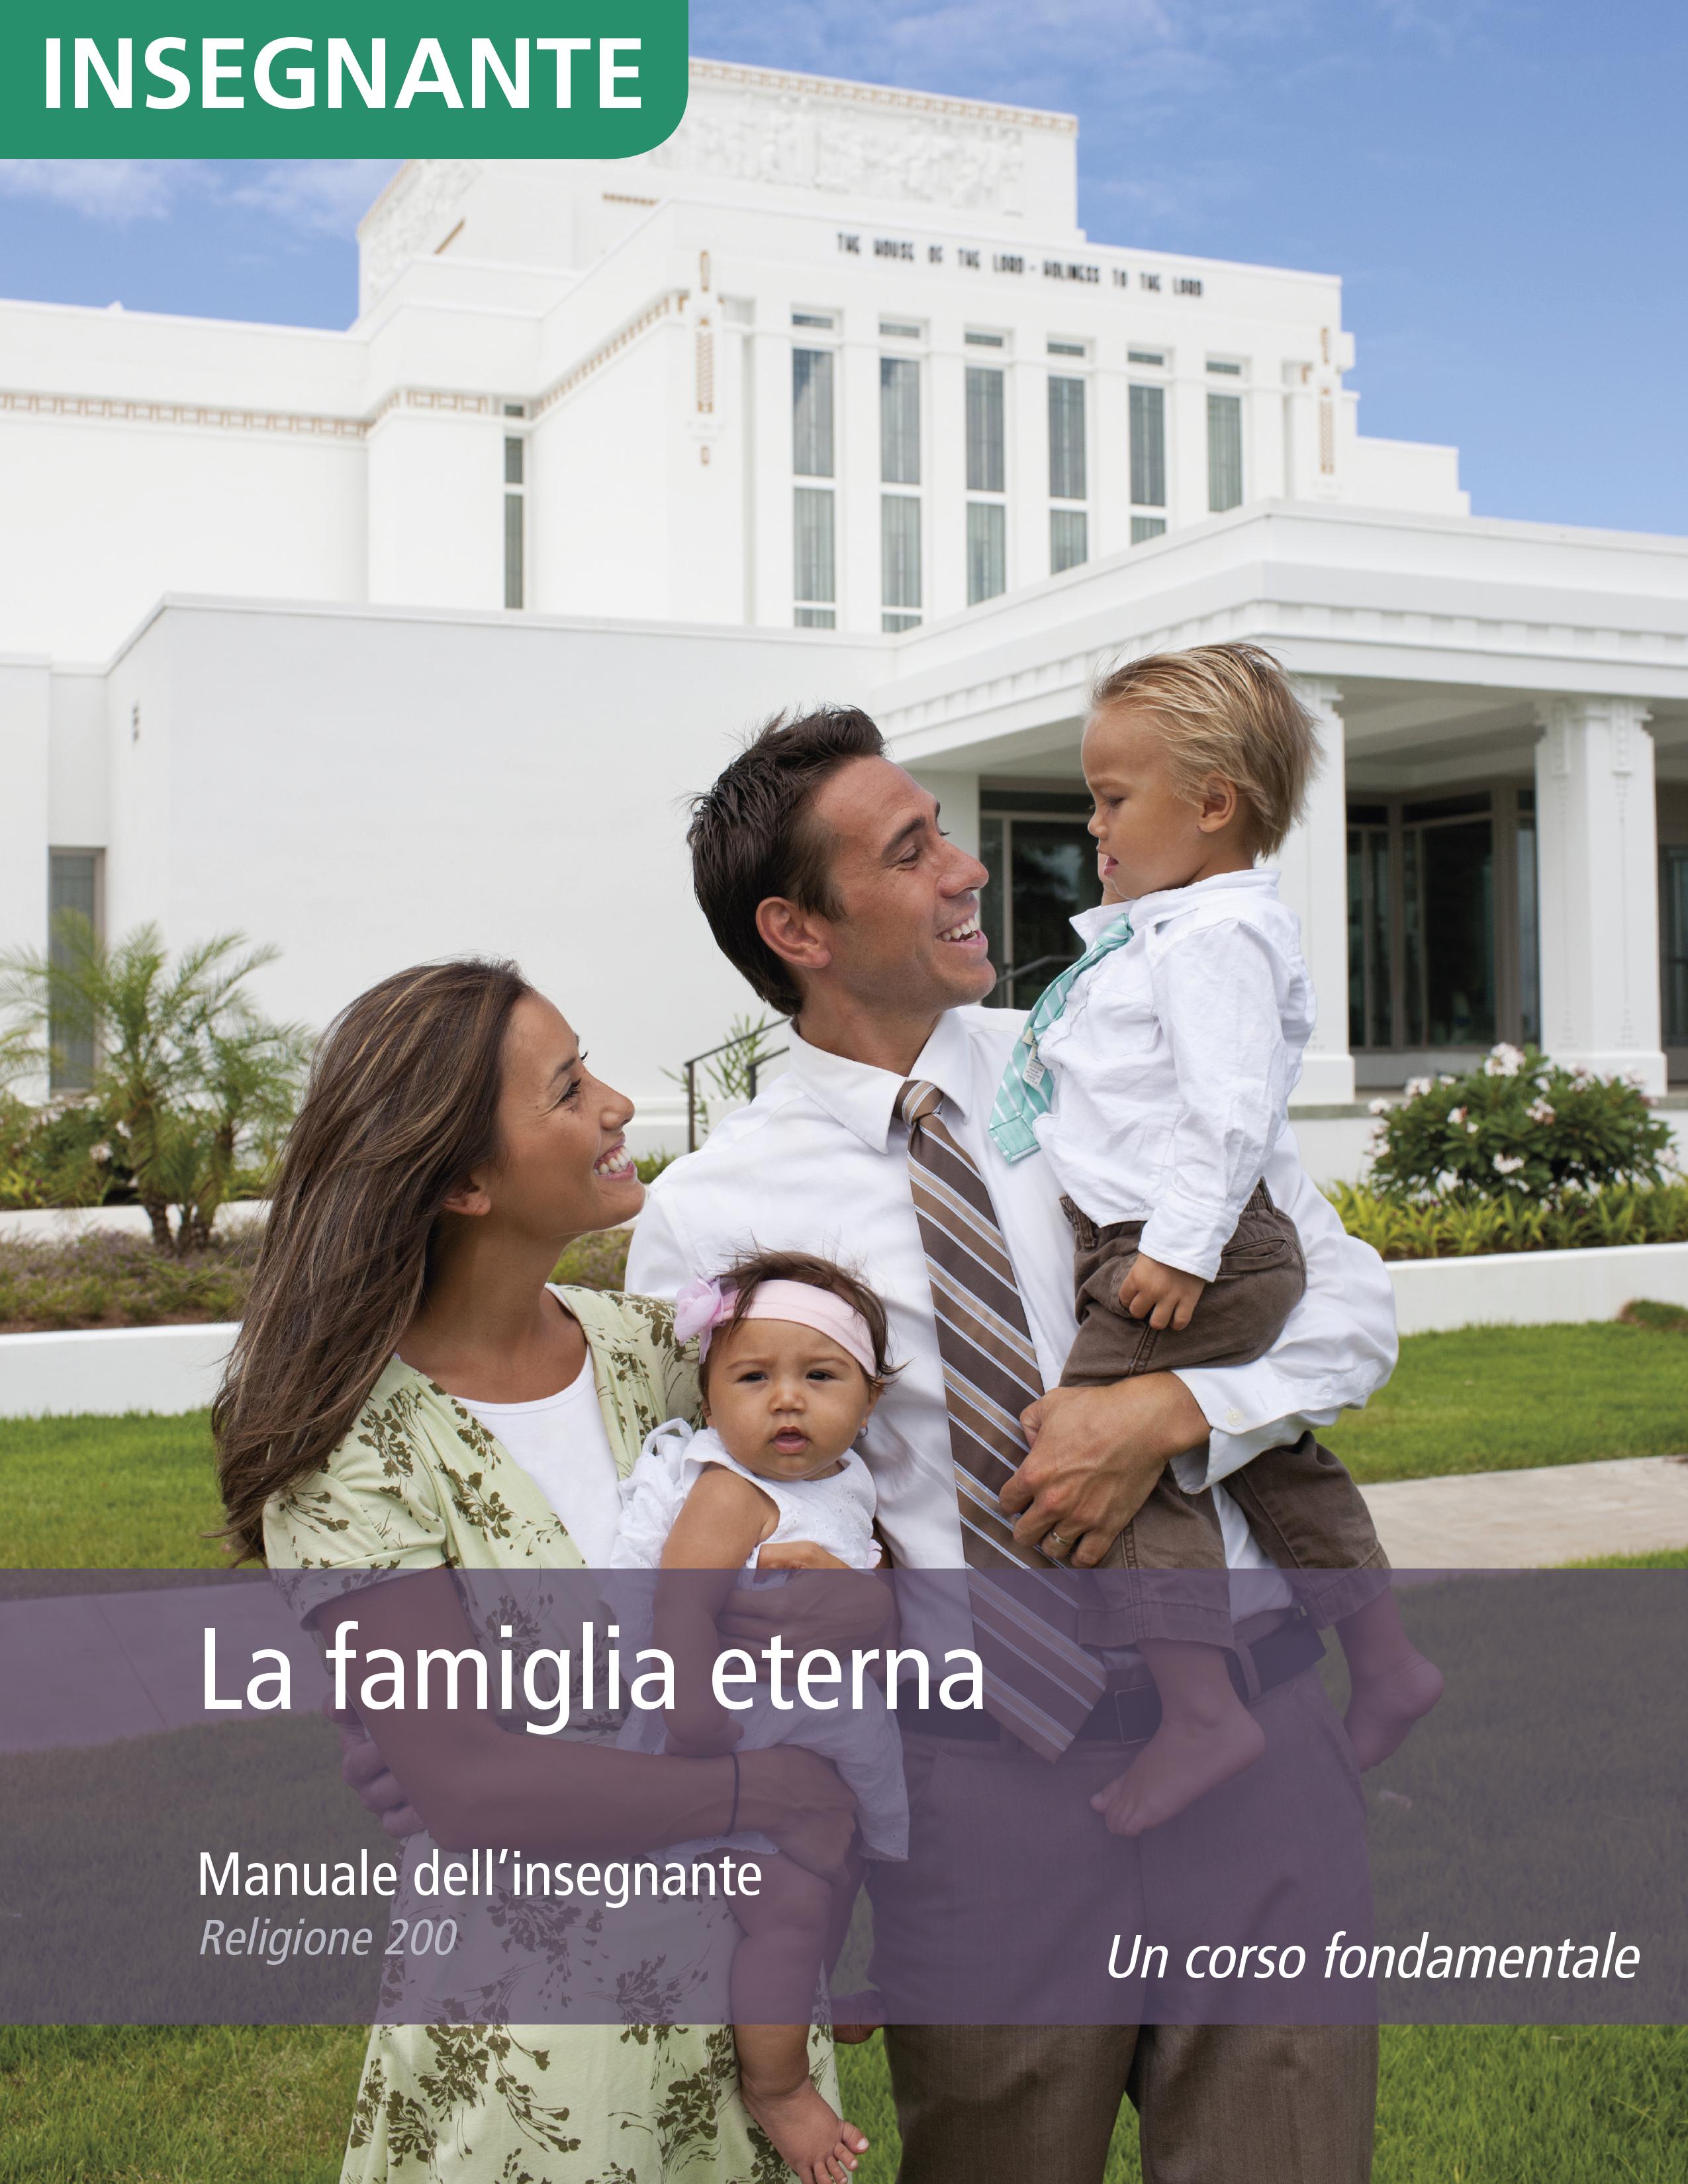 La famiglia eterna – Manuale dell'insegnante (Religione 200)